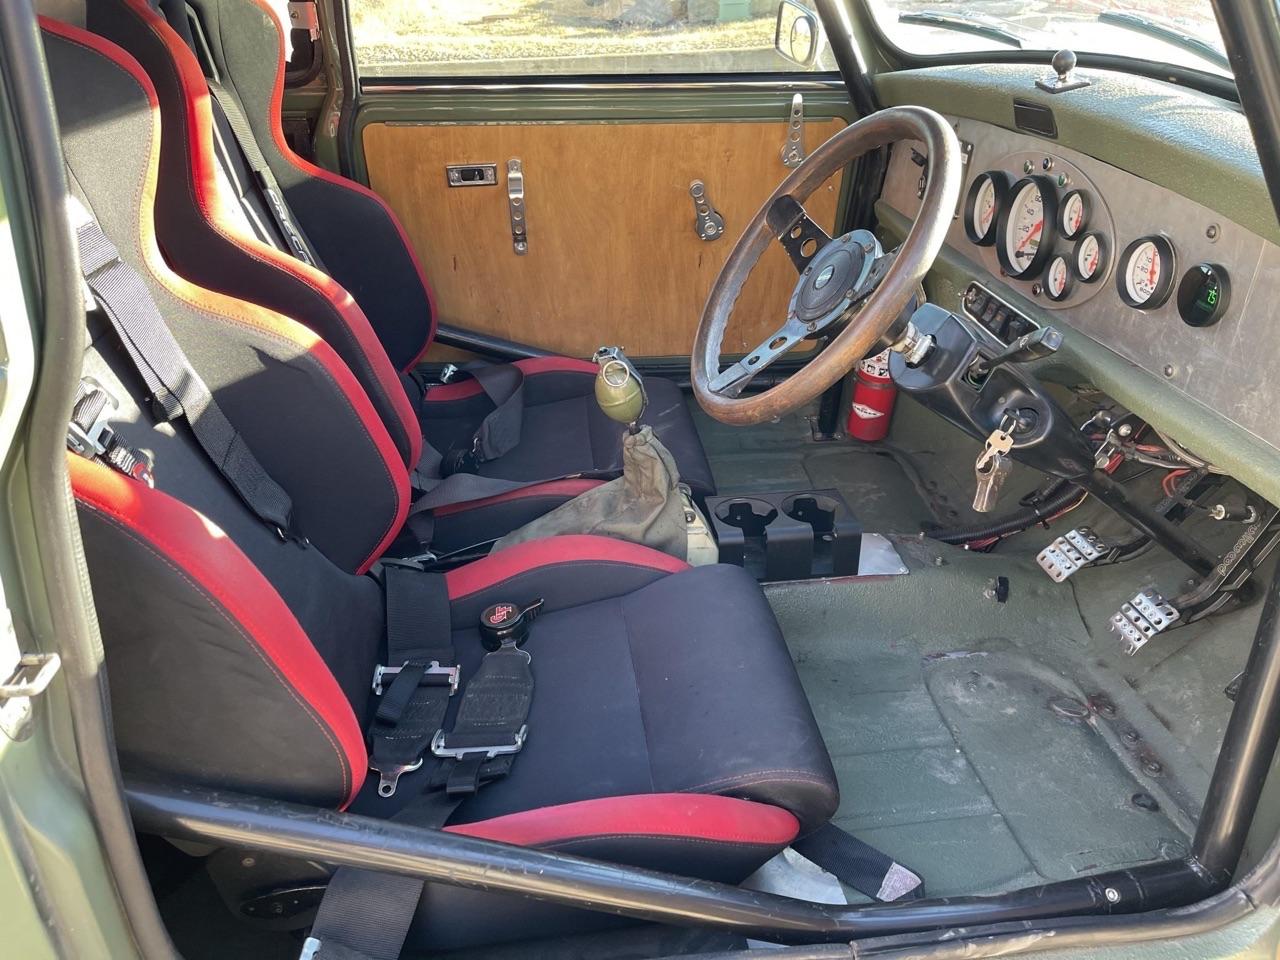 '75 Mini 1275 GT Clubman en V6 Turbo central arrière - Proto 100% vénèr ! 7